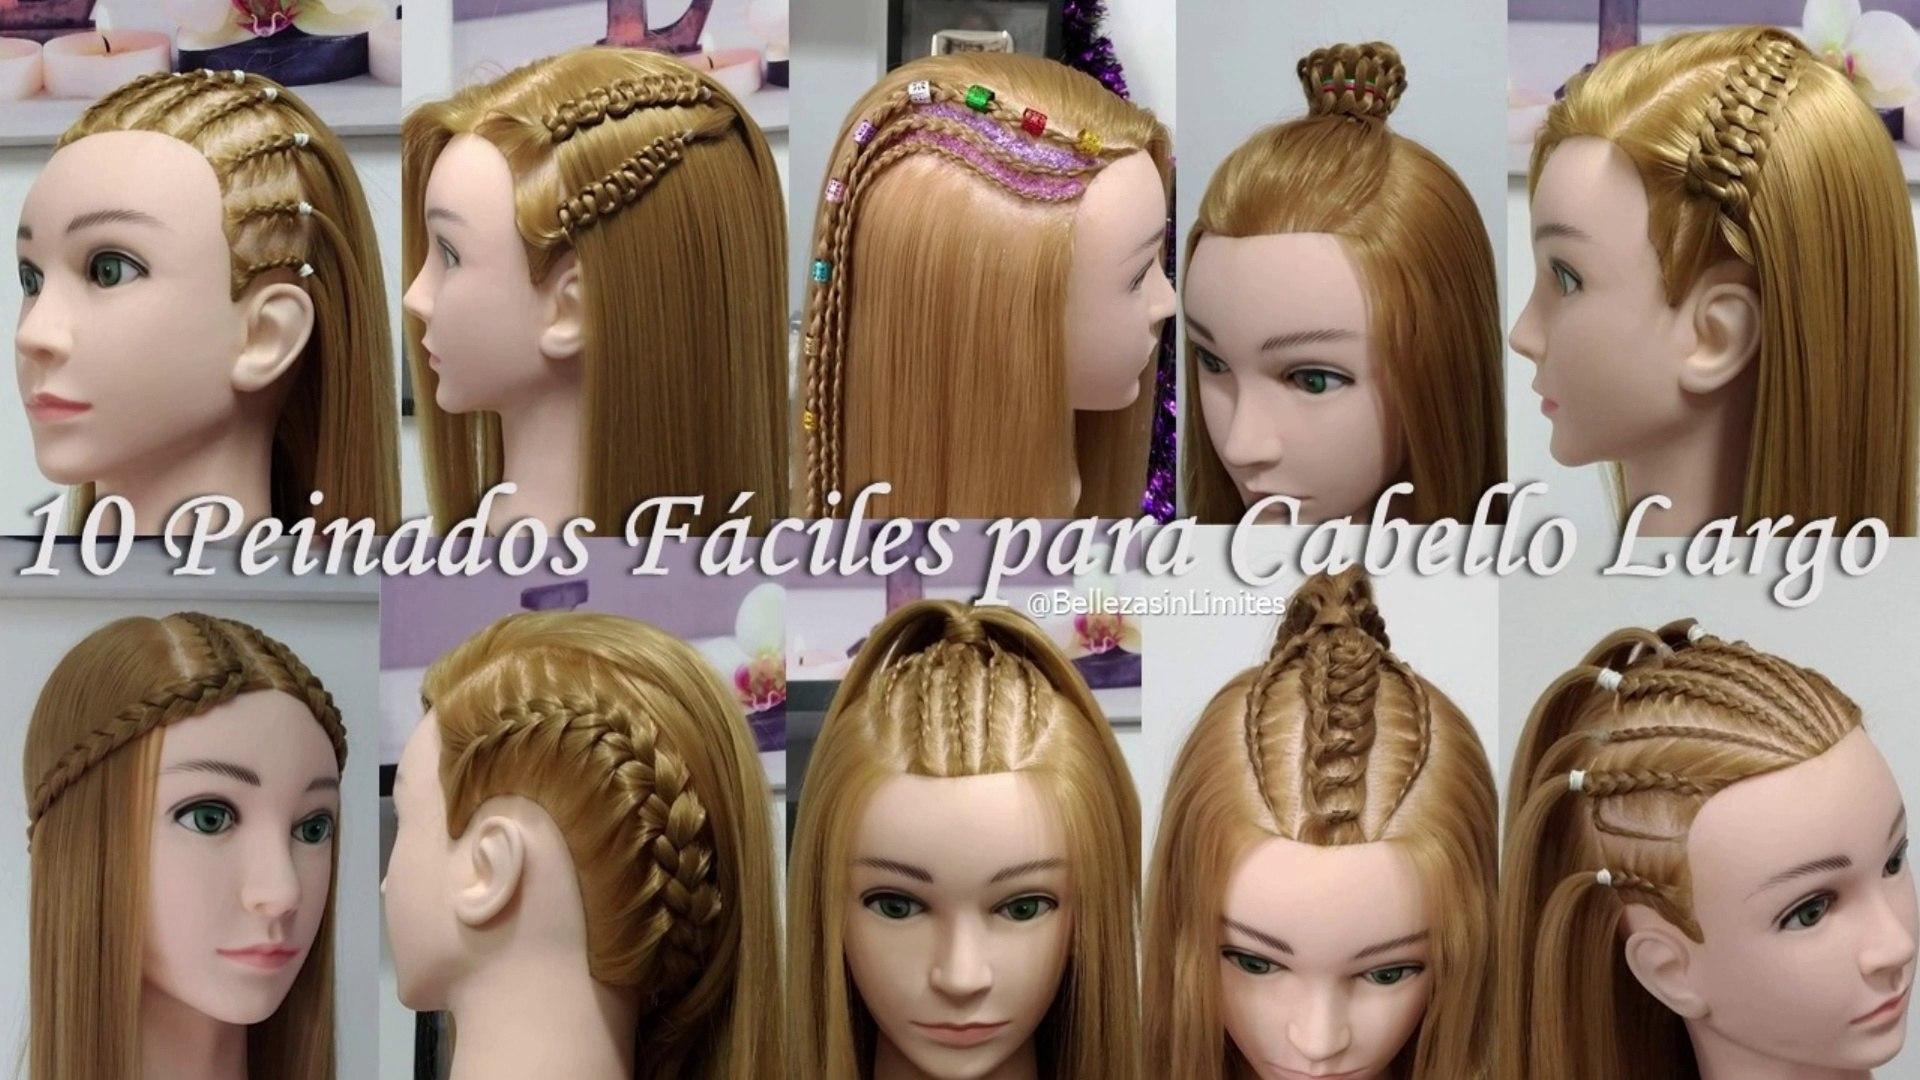 10 Peinados Faciles Para Cabello Largo By Belleza Sin Limites